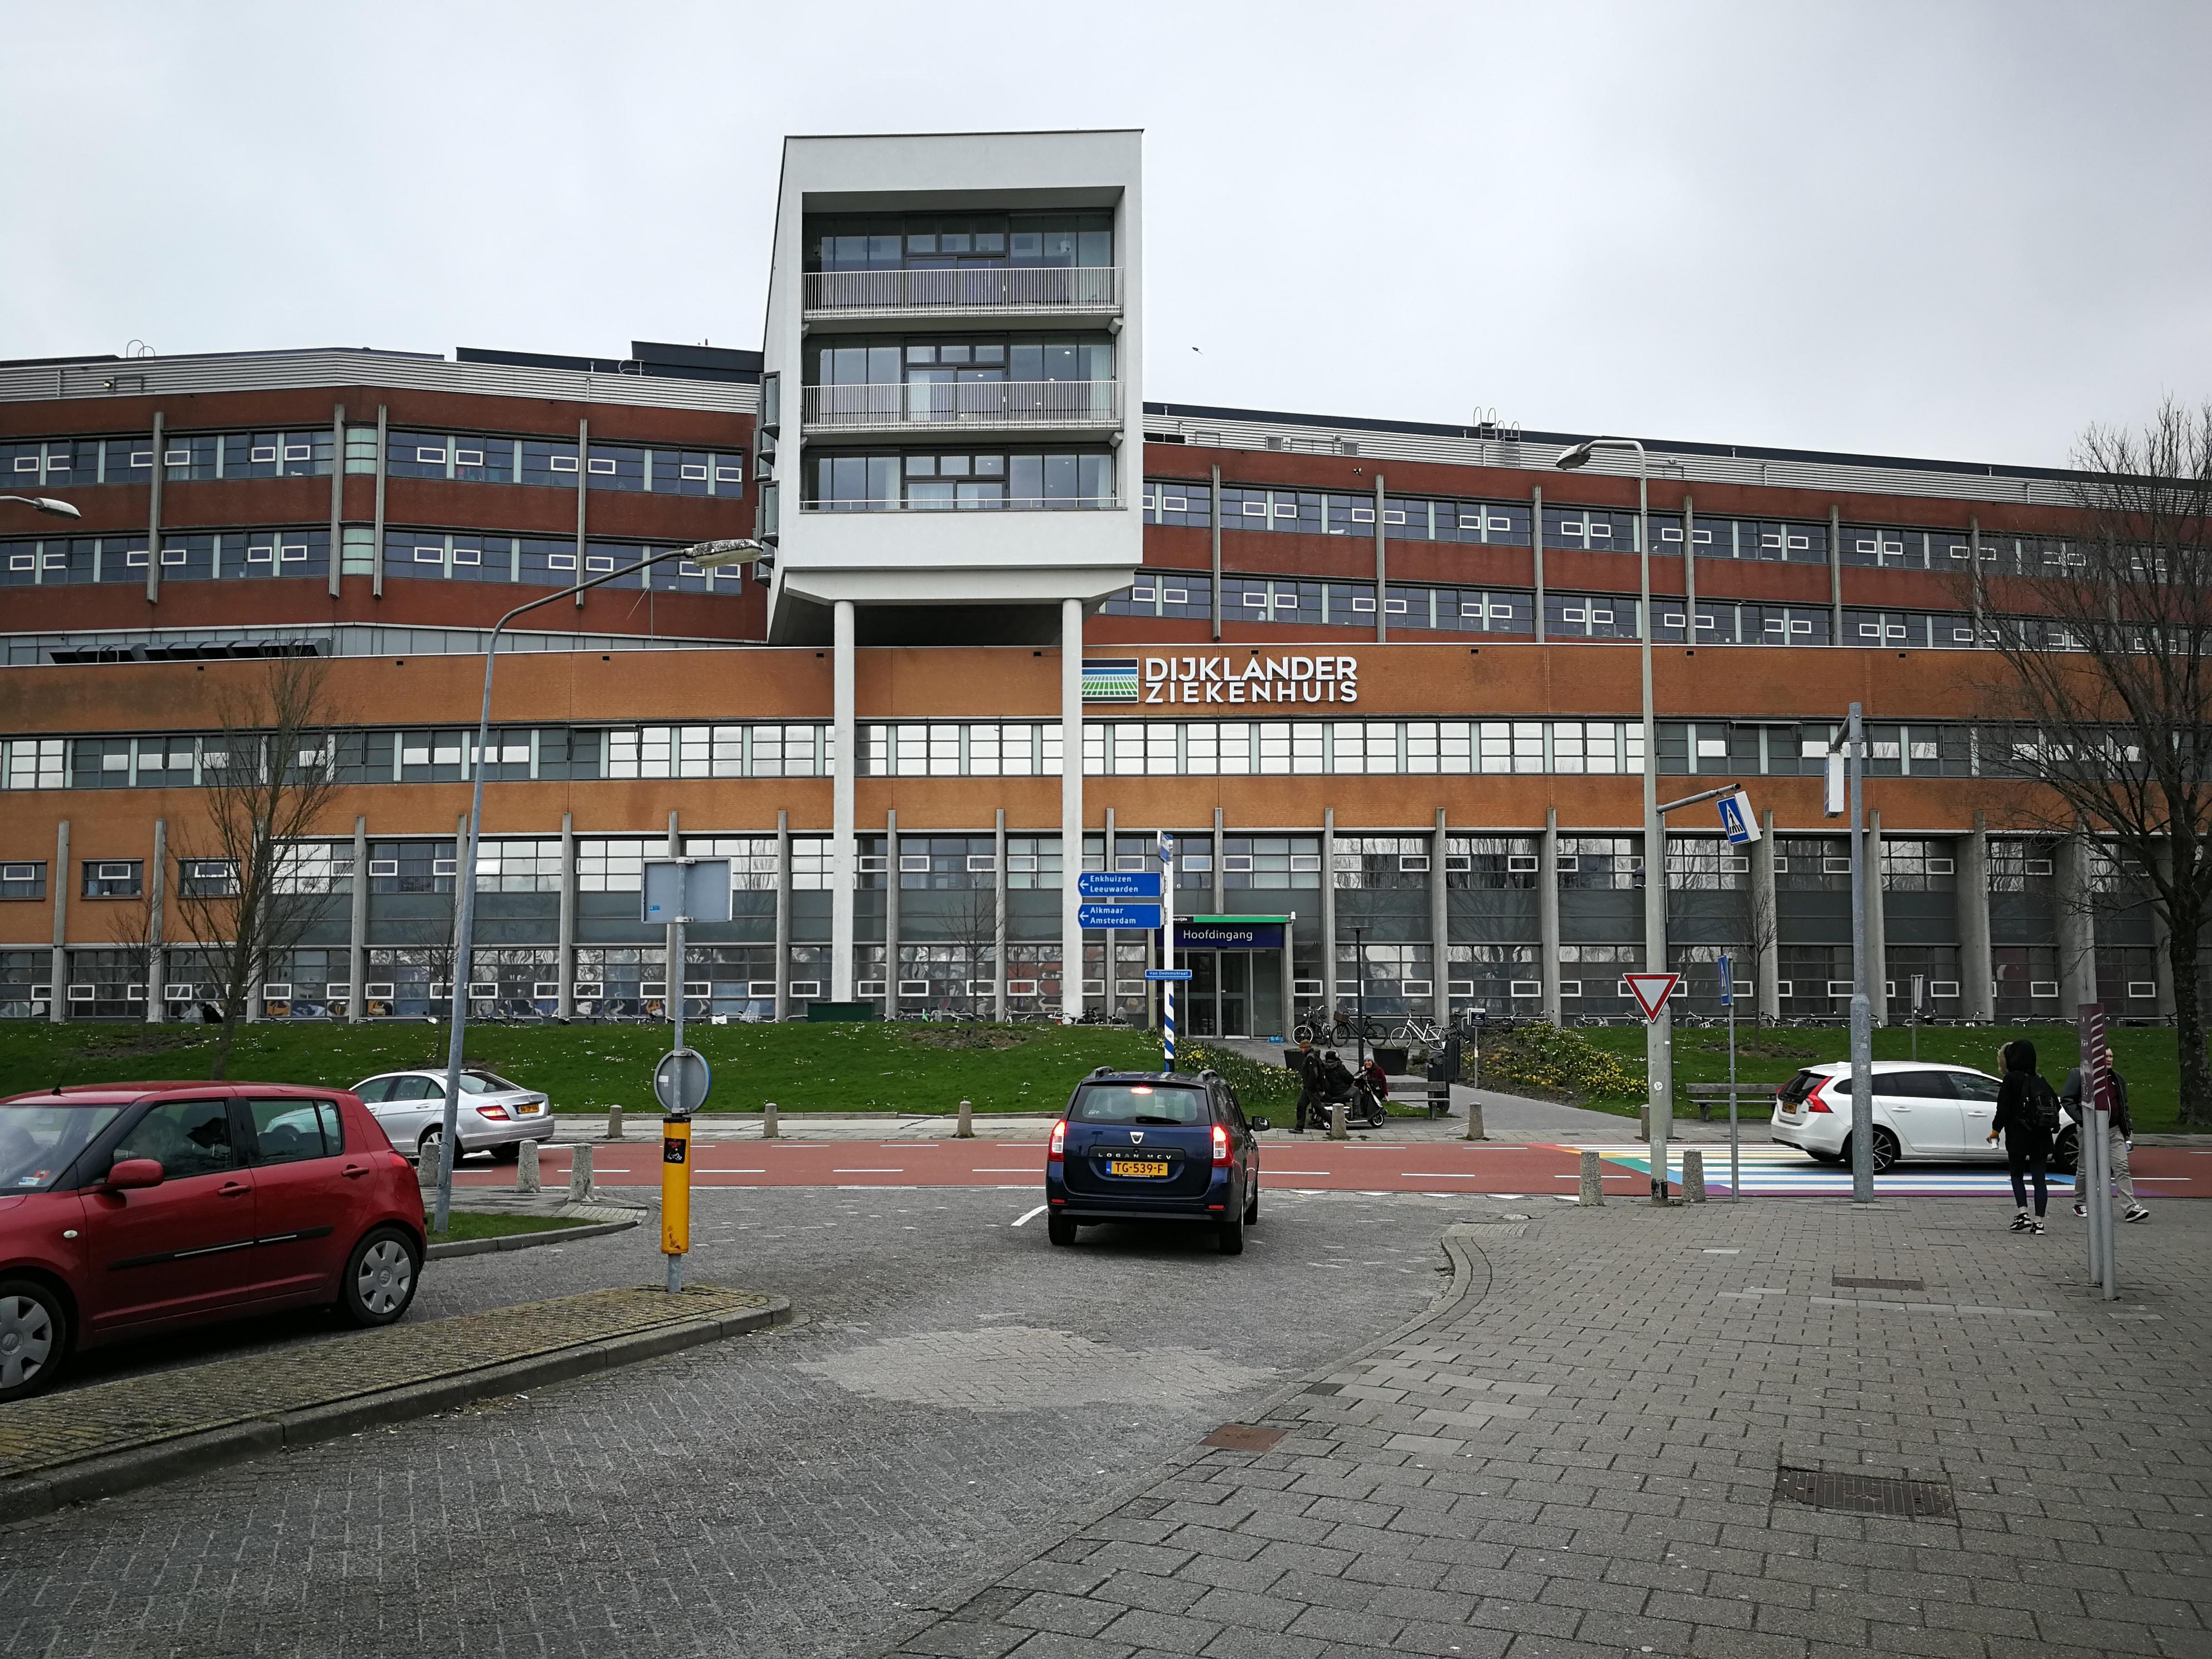 Dijklander Ziekenhuis loopt vol met coronabesmettingen: aanleg helikopterlandplaatsen in Hoorn en Purmerend voor snelle verplaatsing patiënten